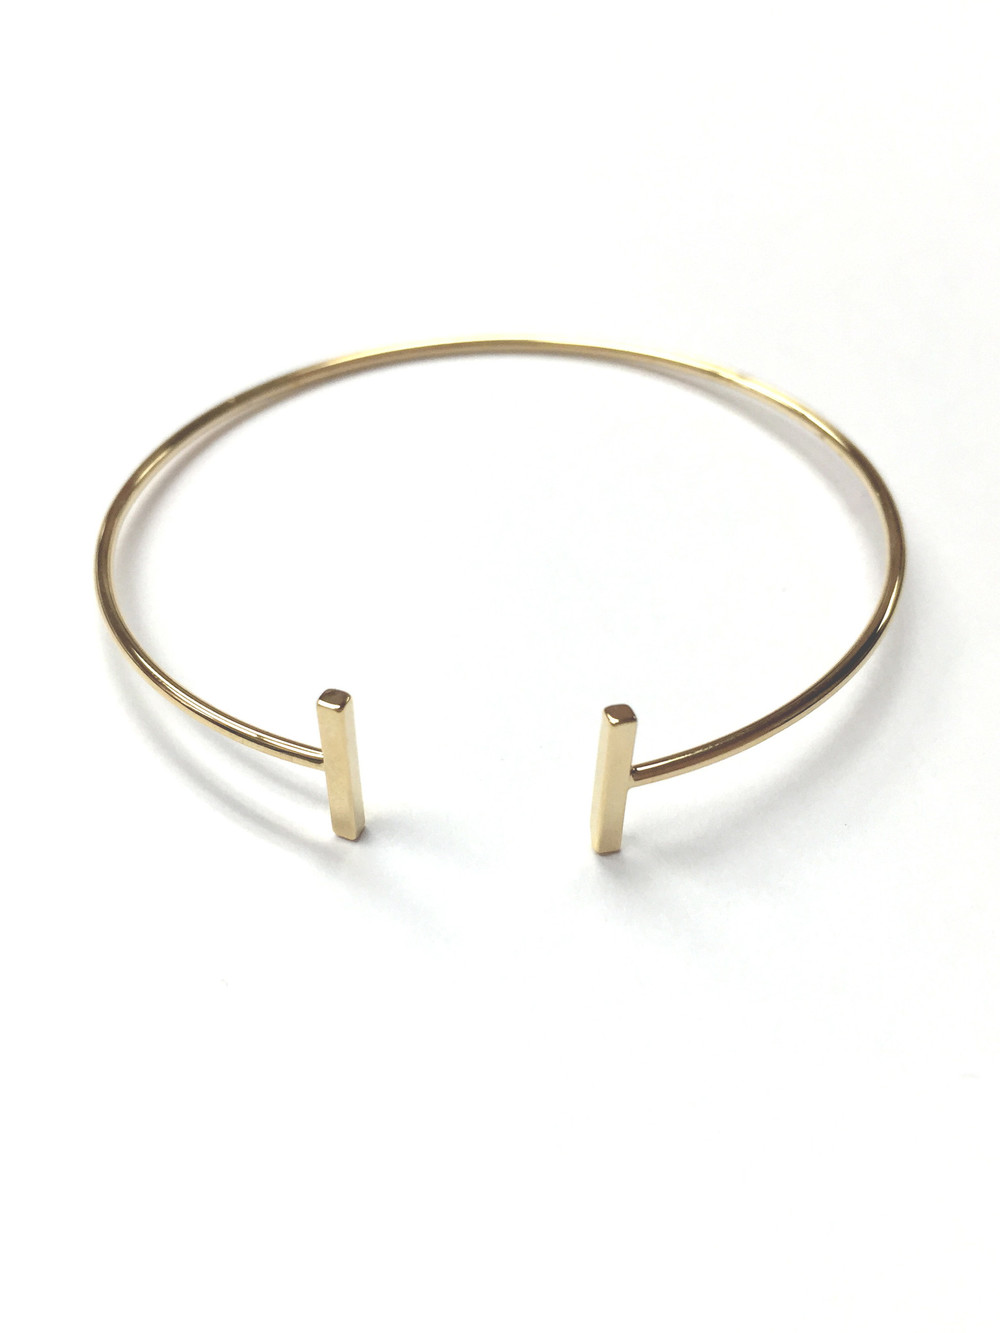 Coco Bracelet  $18